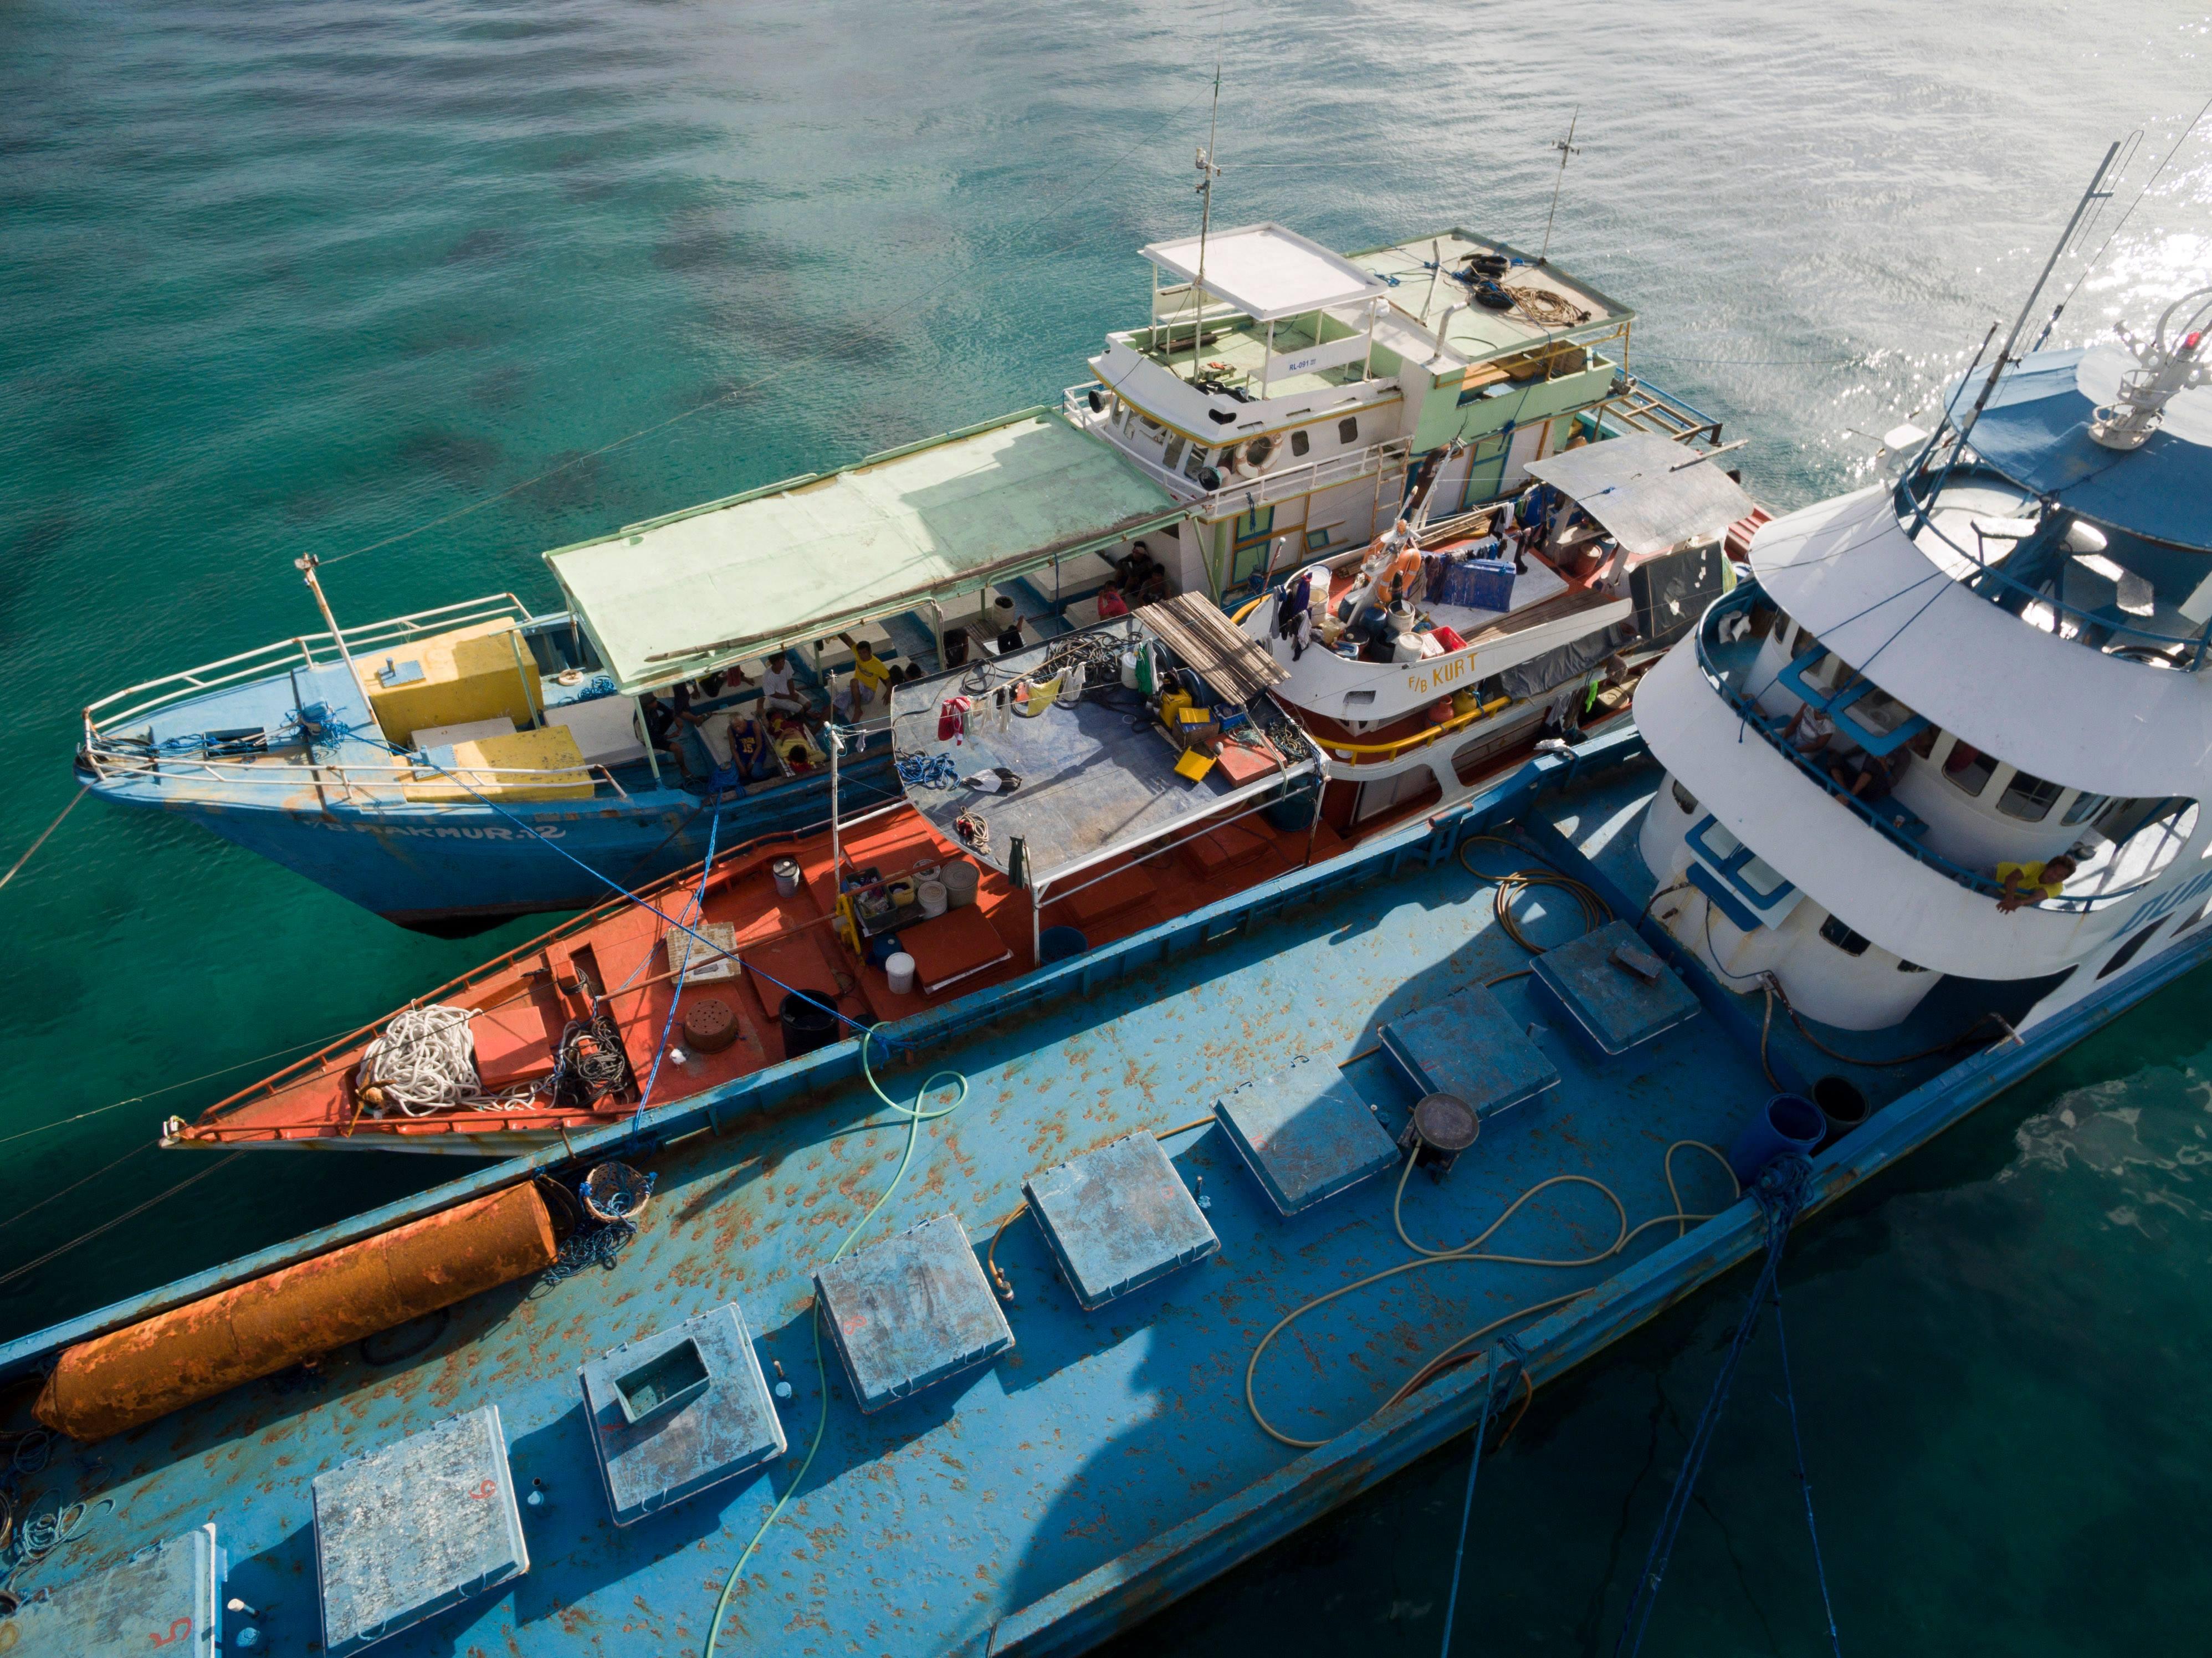 Court dismisses Palau's case against Philippine fish carrier